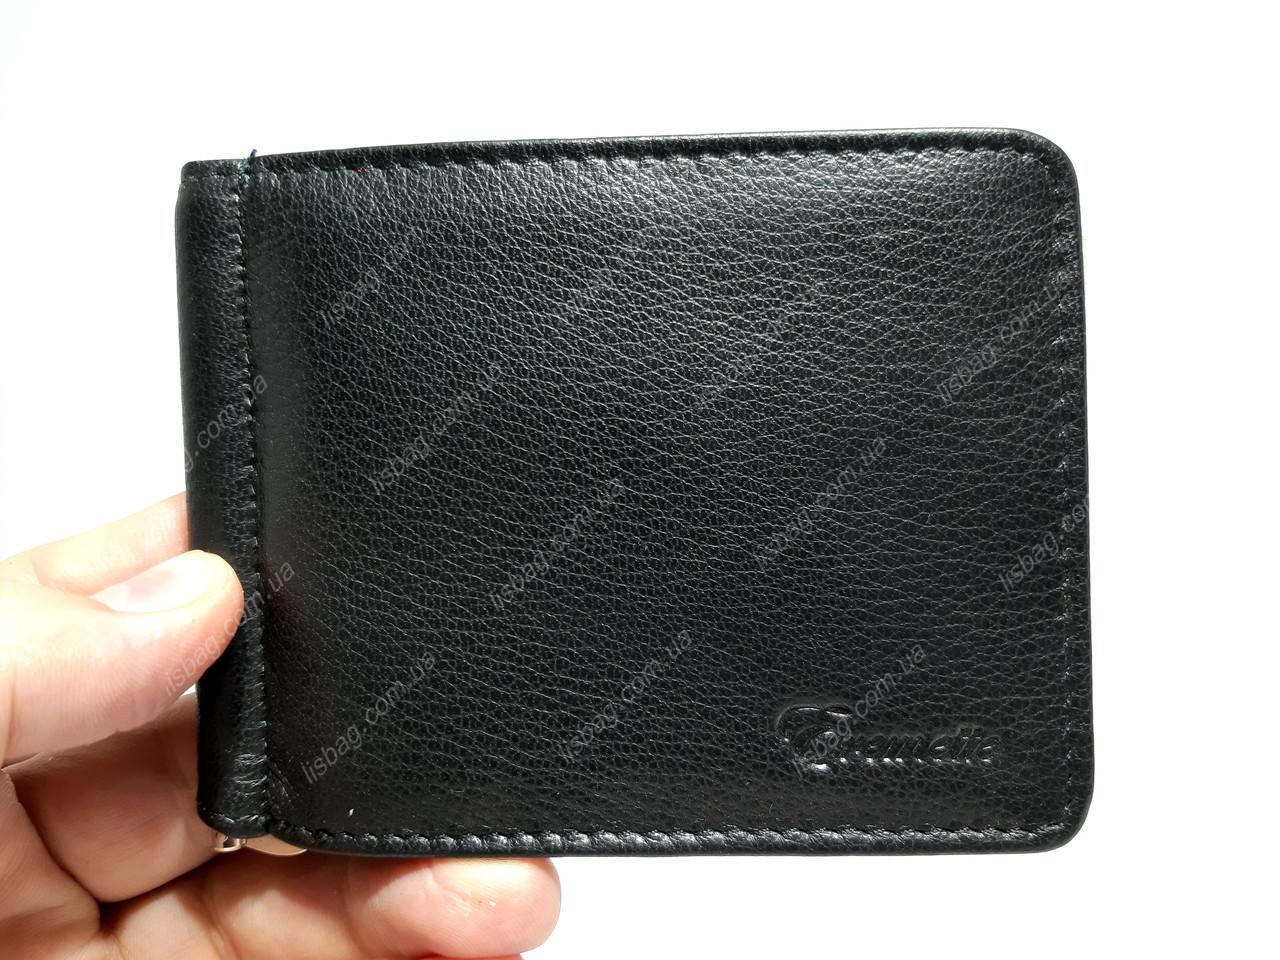 Мужской кожаный зажим/кошелек Eremette на магните для денег, повседневная носка